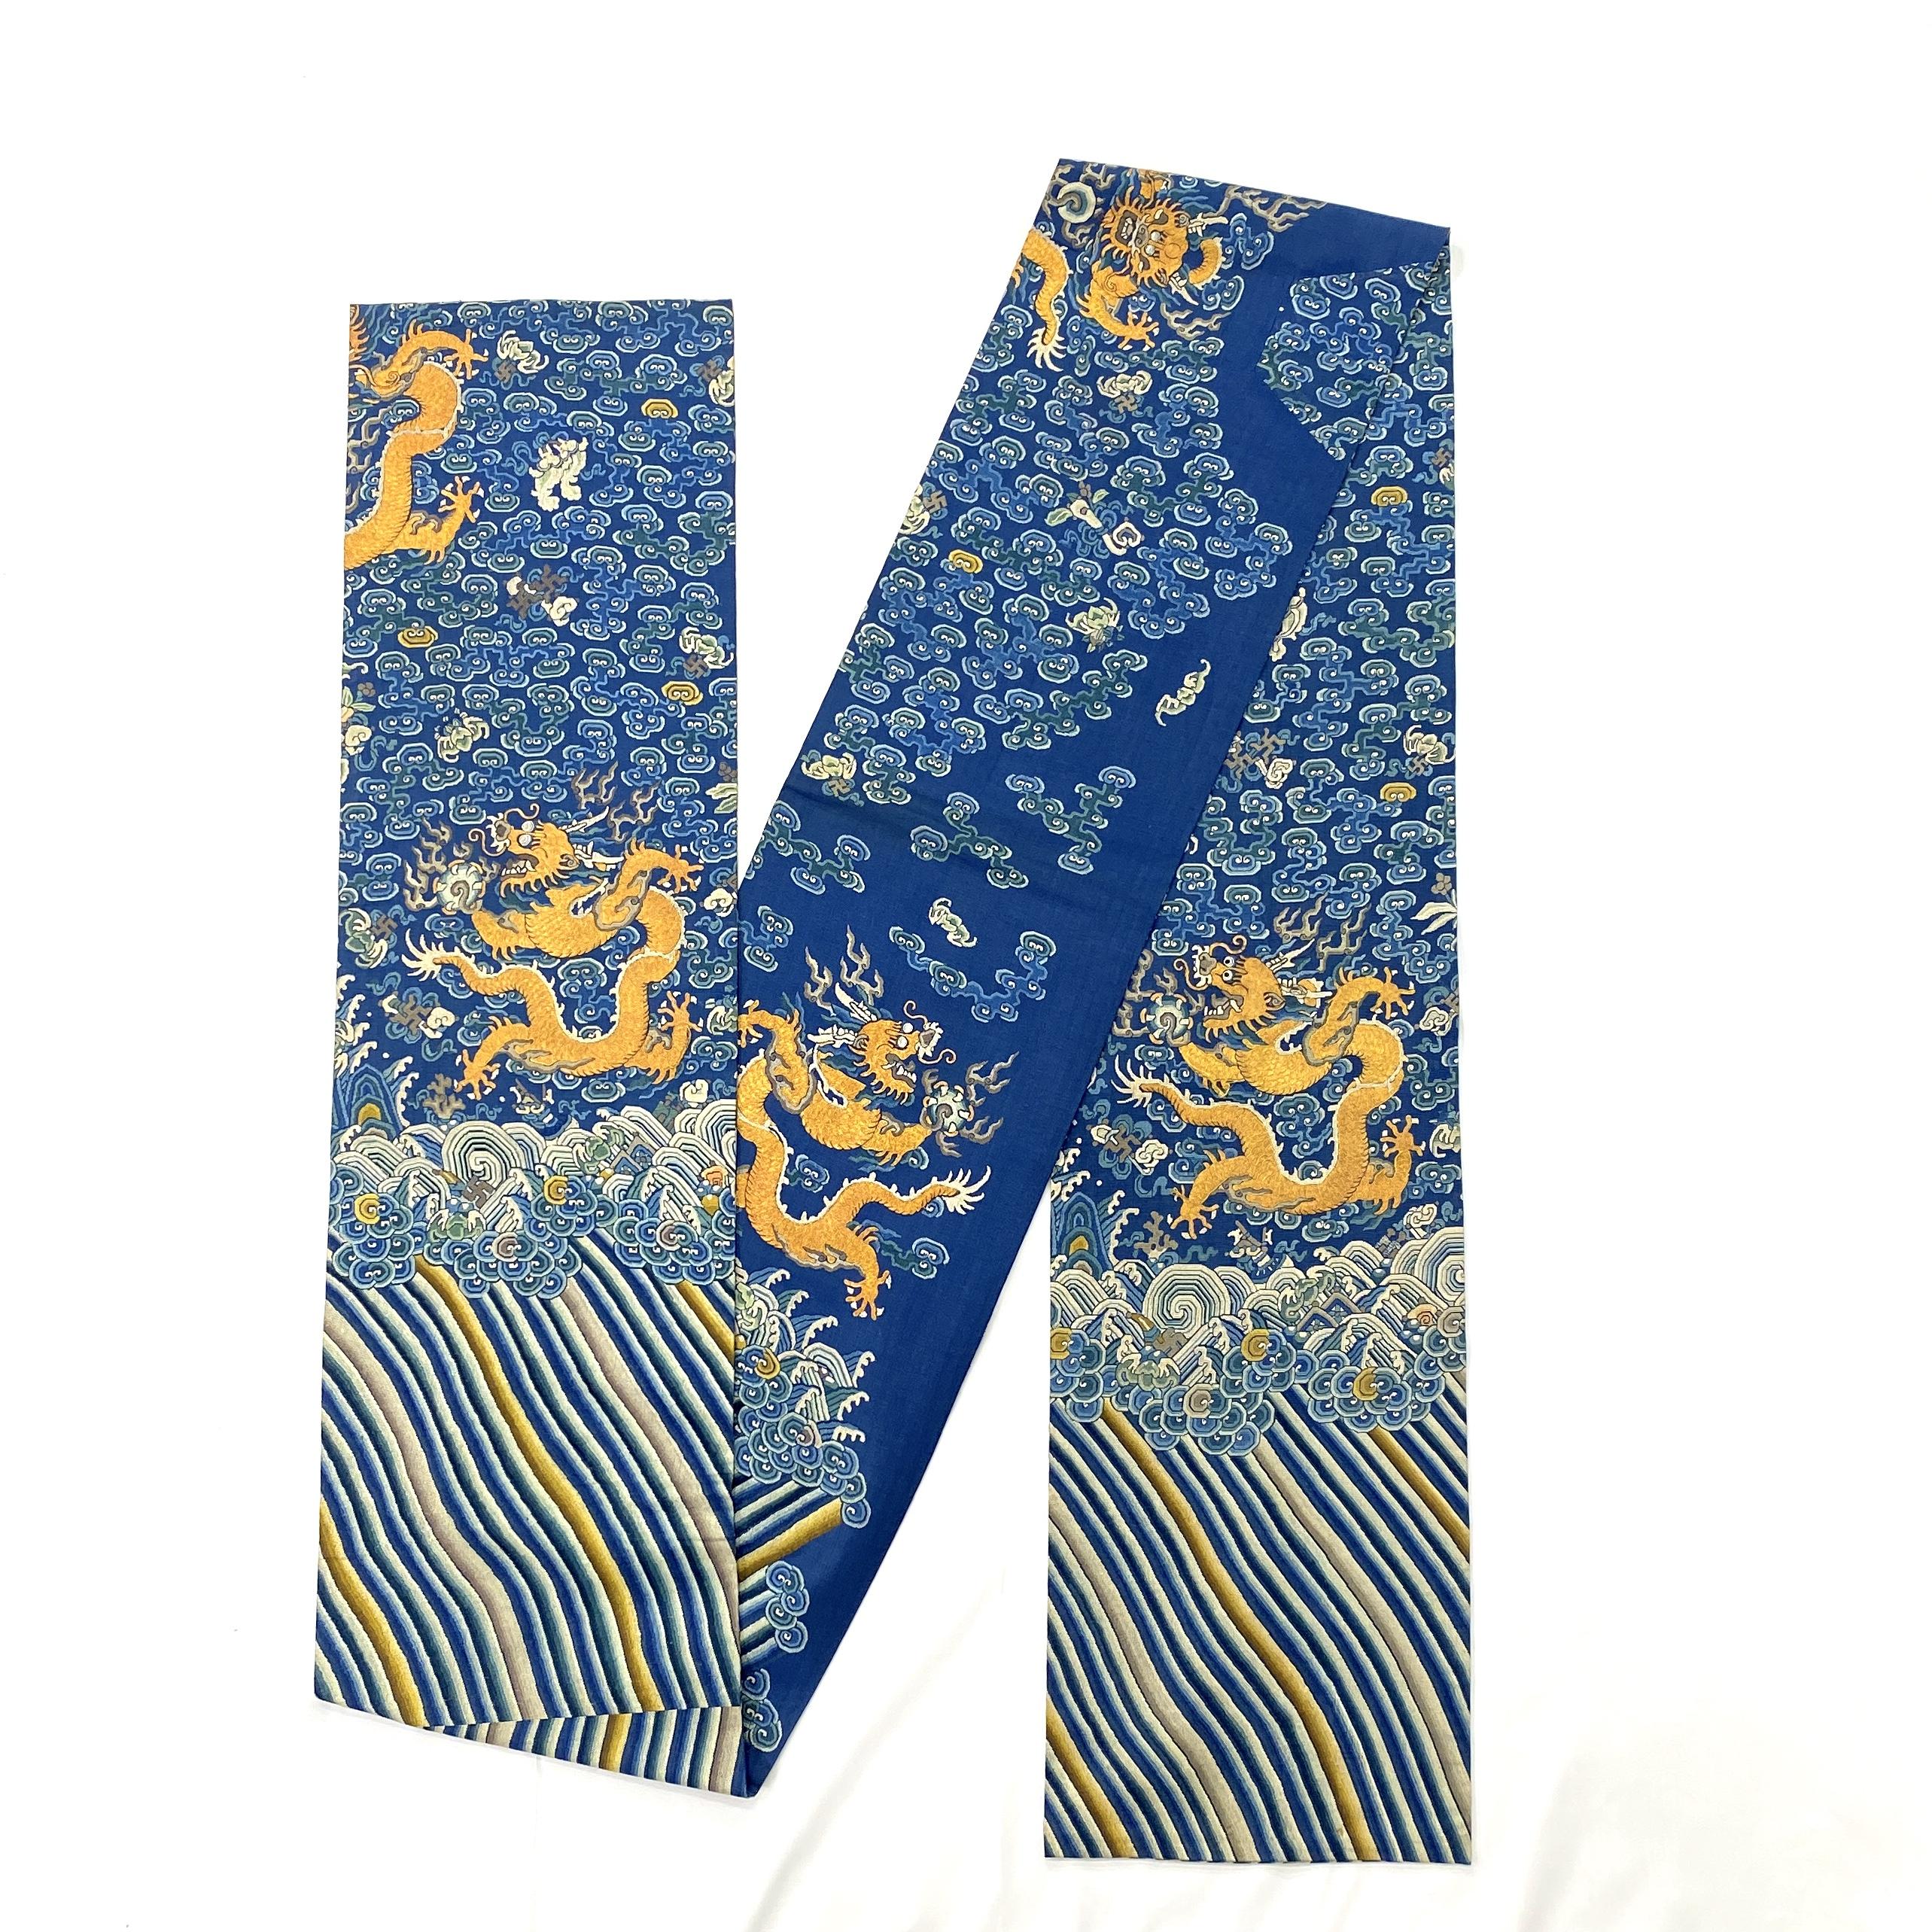 10180清 藍地刺繍 吉祥紋 龍袍改腰帯